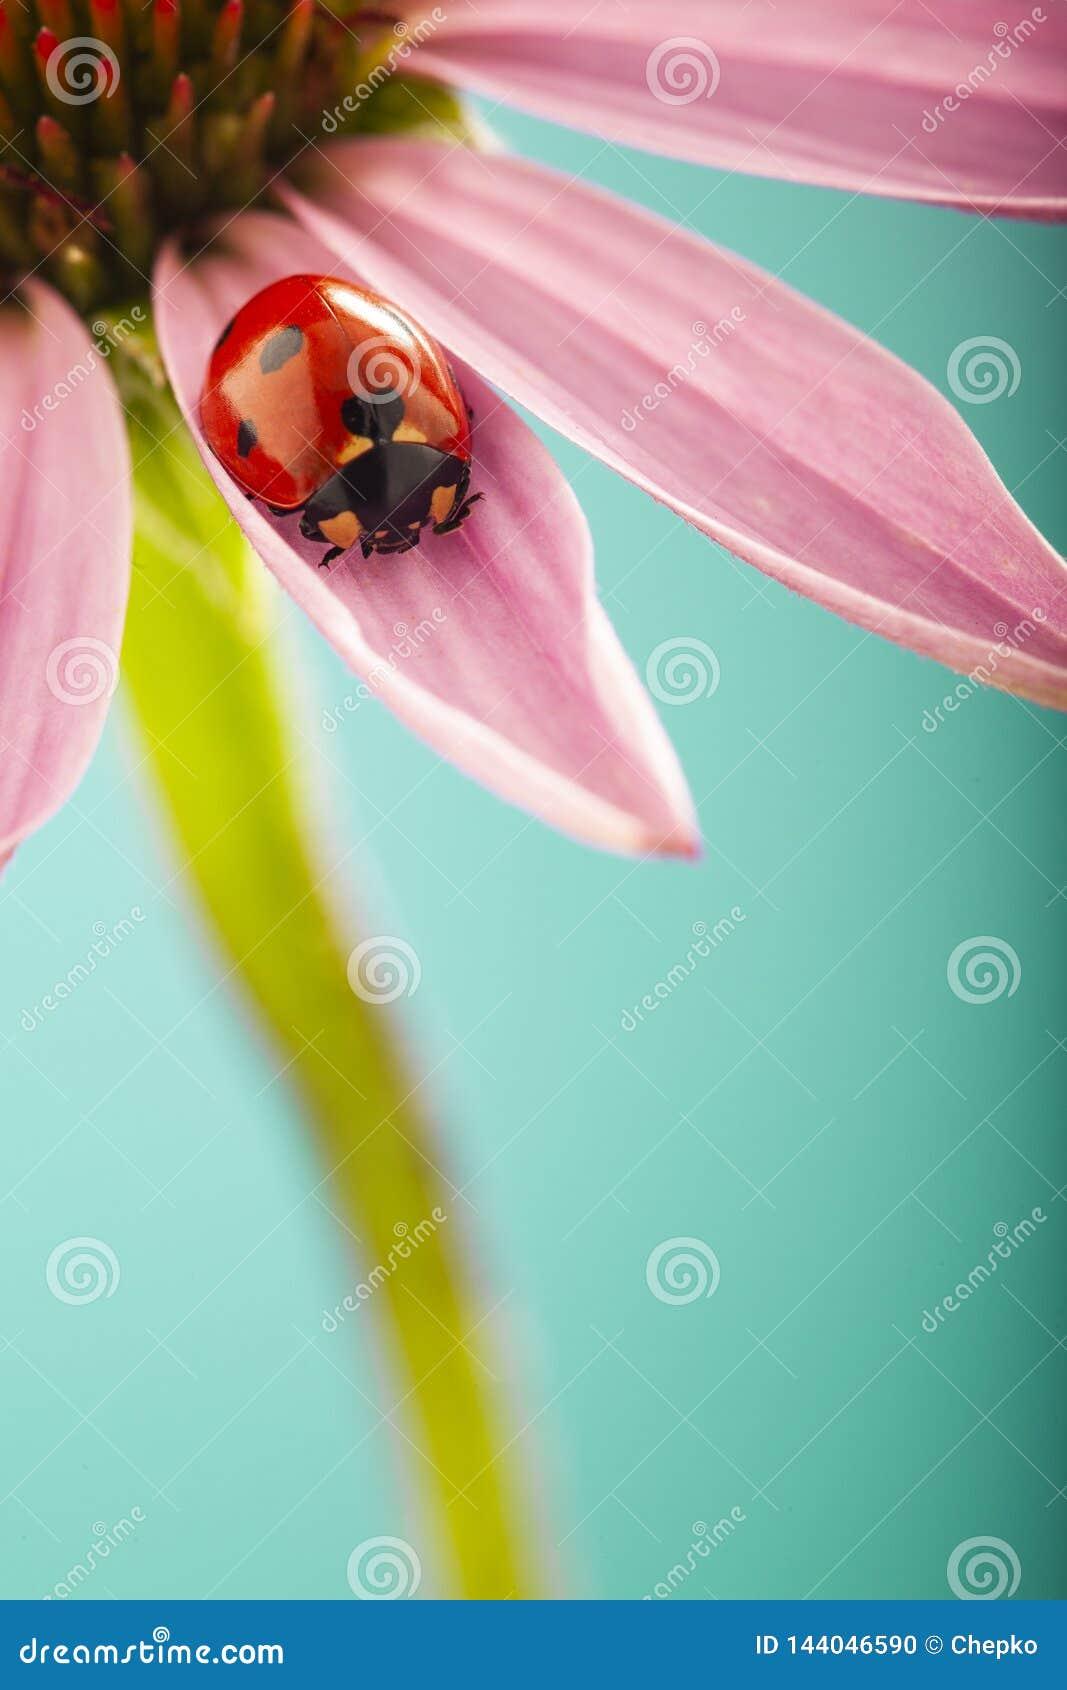 La mariquita roja en la flor rosada, mariquita se arrastra en la hoja de la planta en primavera en jardín en verano